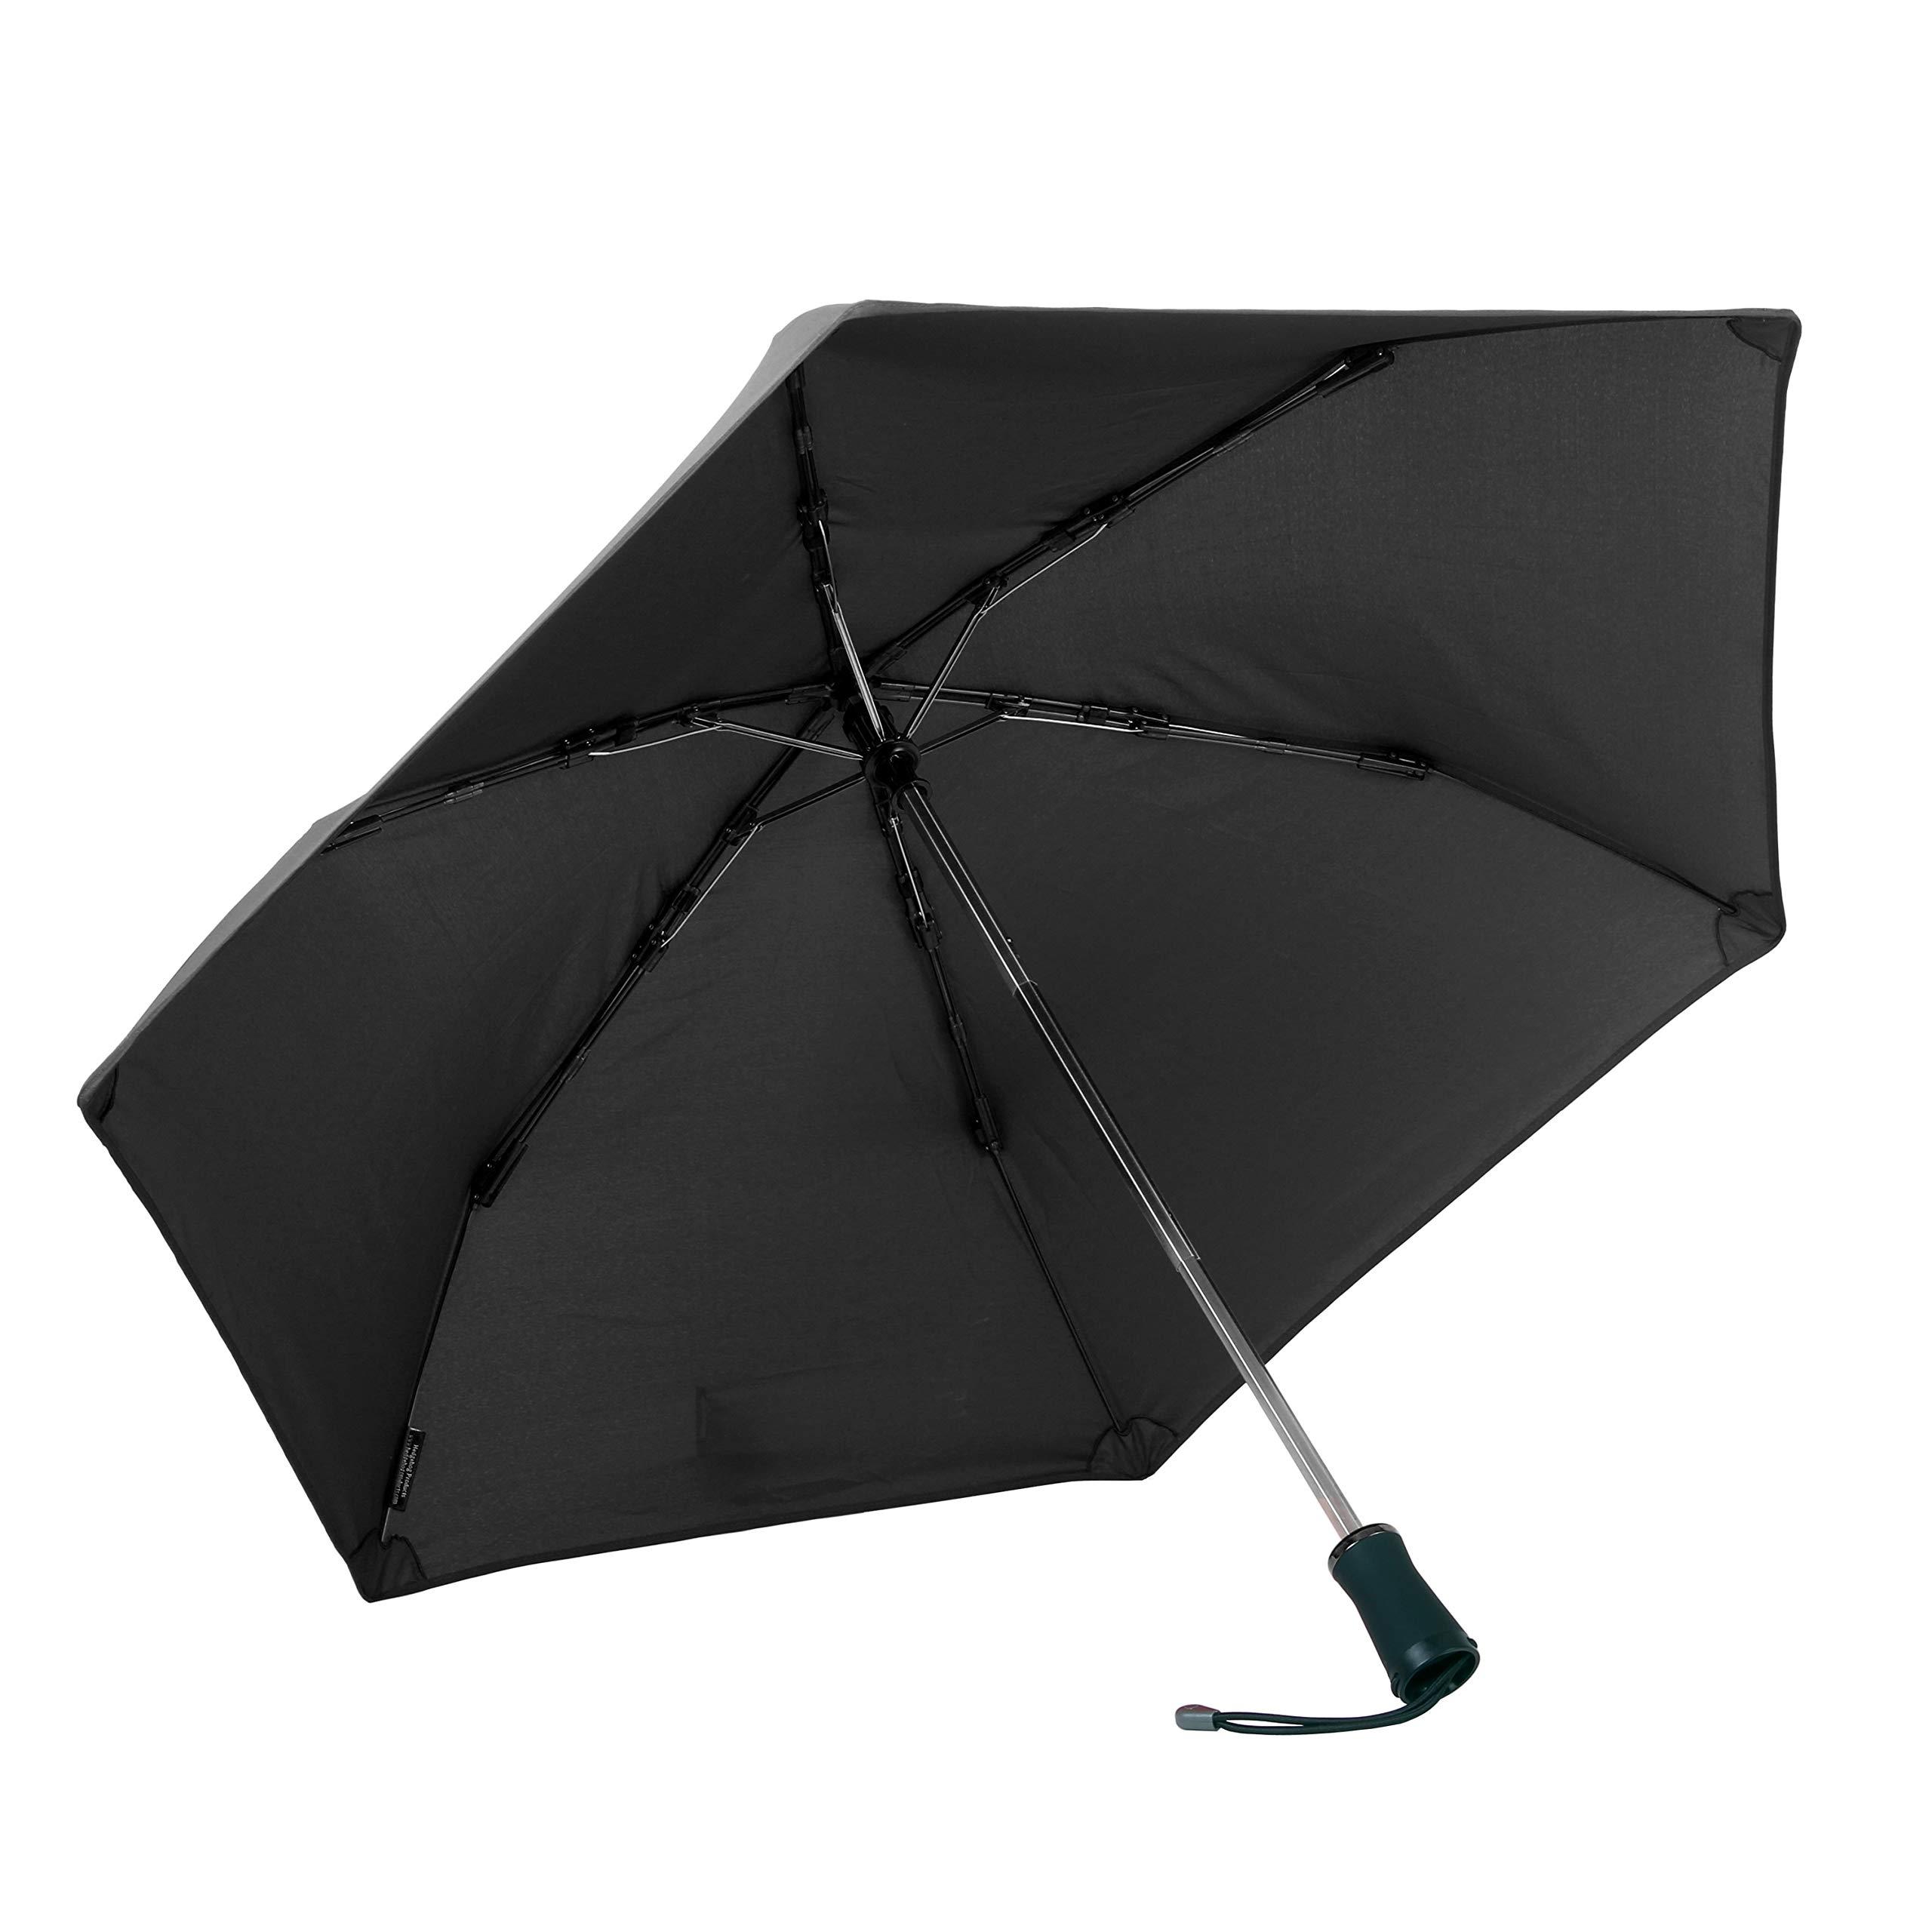 Hedgehog Windproof Umbrella, Classic Black